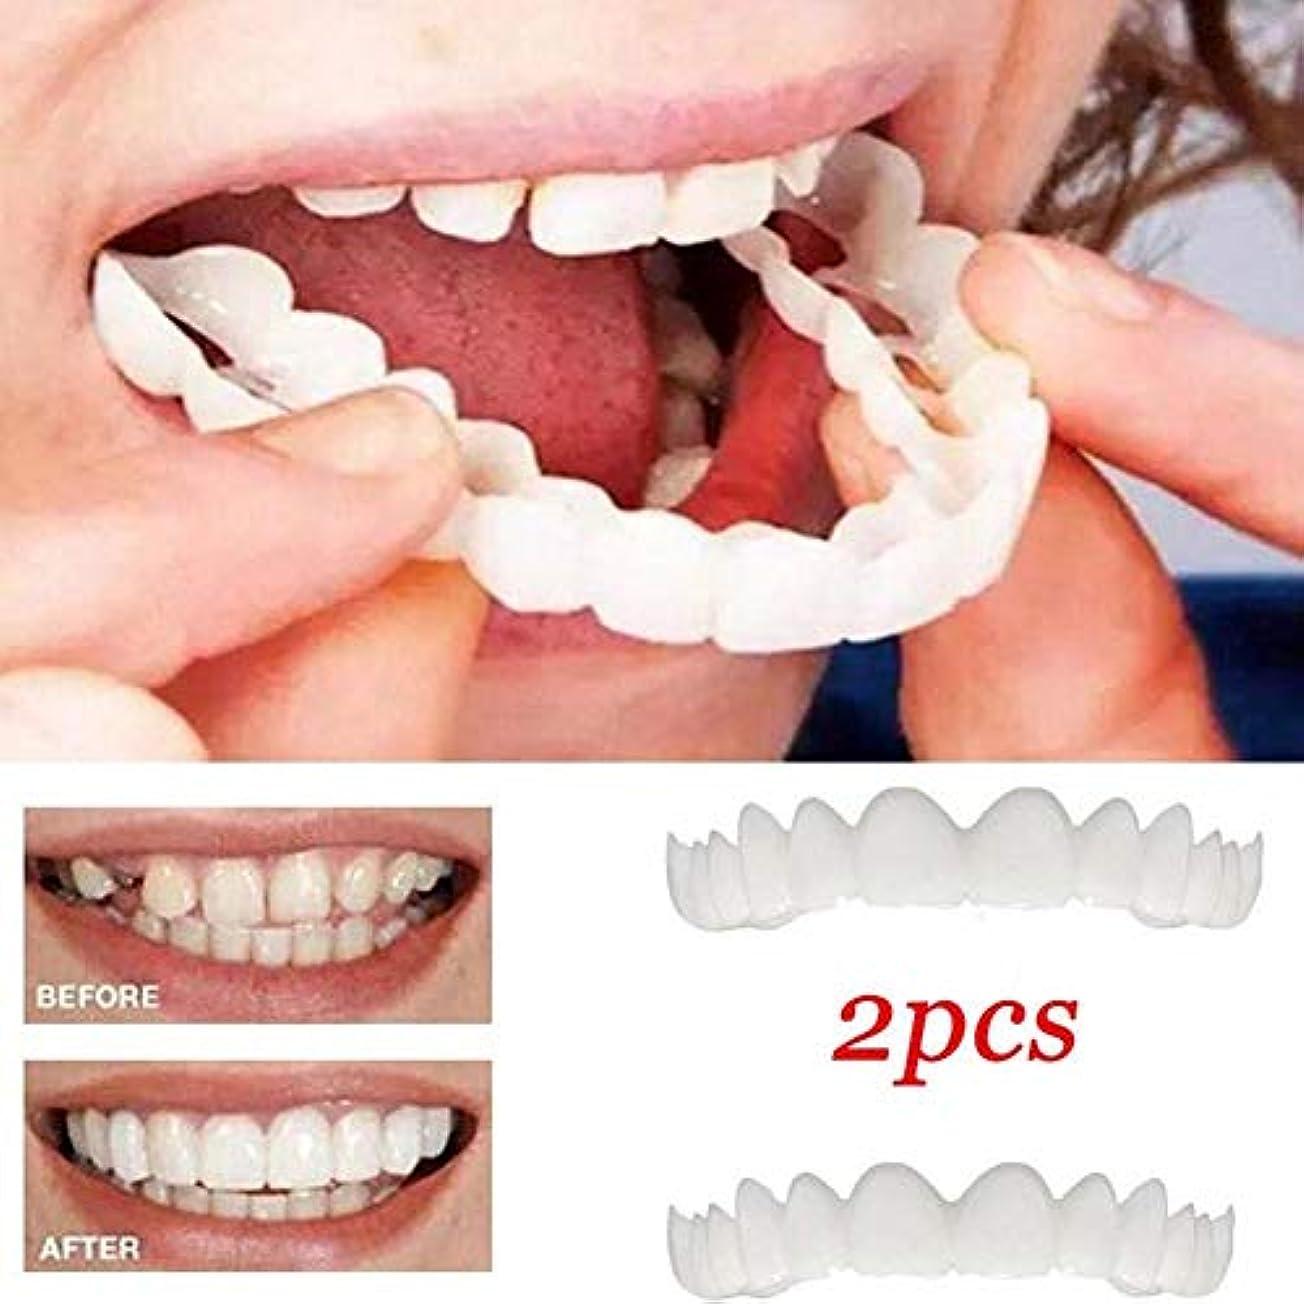 ピット過敏な眼ユニセックスシリコンシミュレーション義歯、ホワイトニングフィット義歯(上下の歯のセット),A